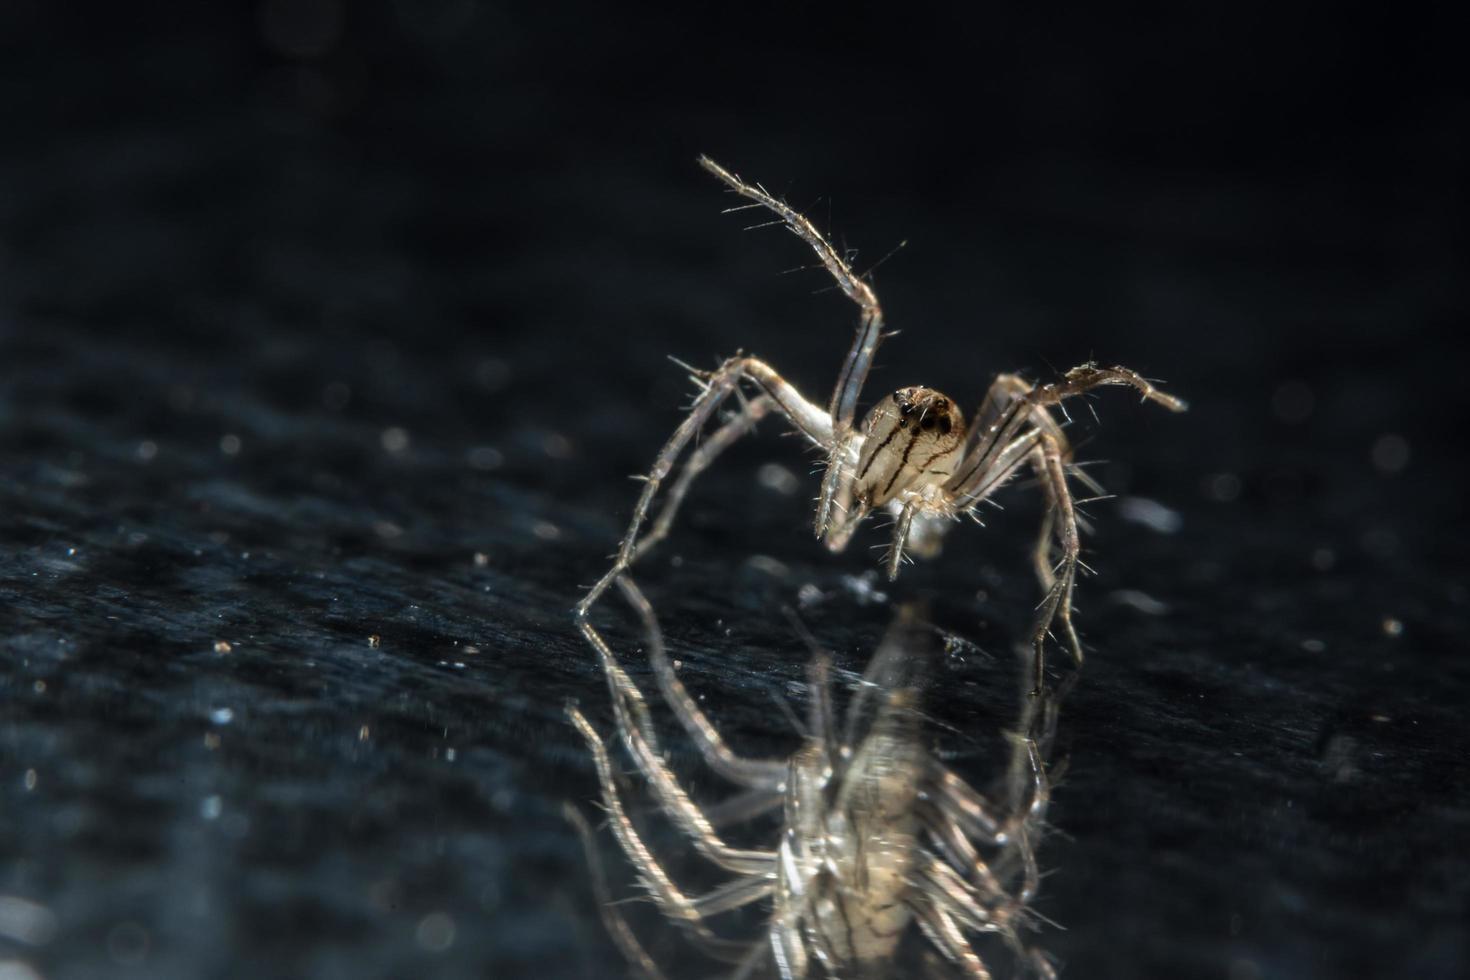 Spinne auf Glasoberfläche foto